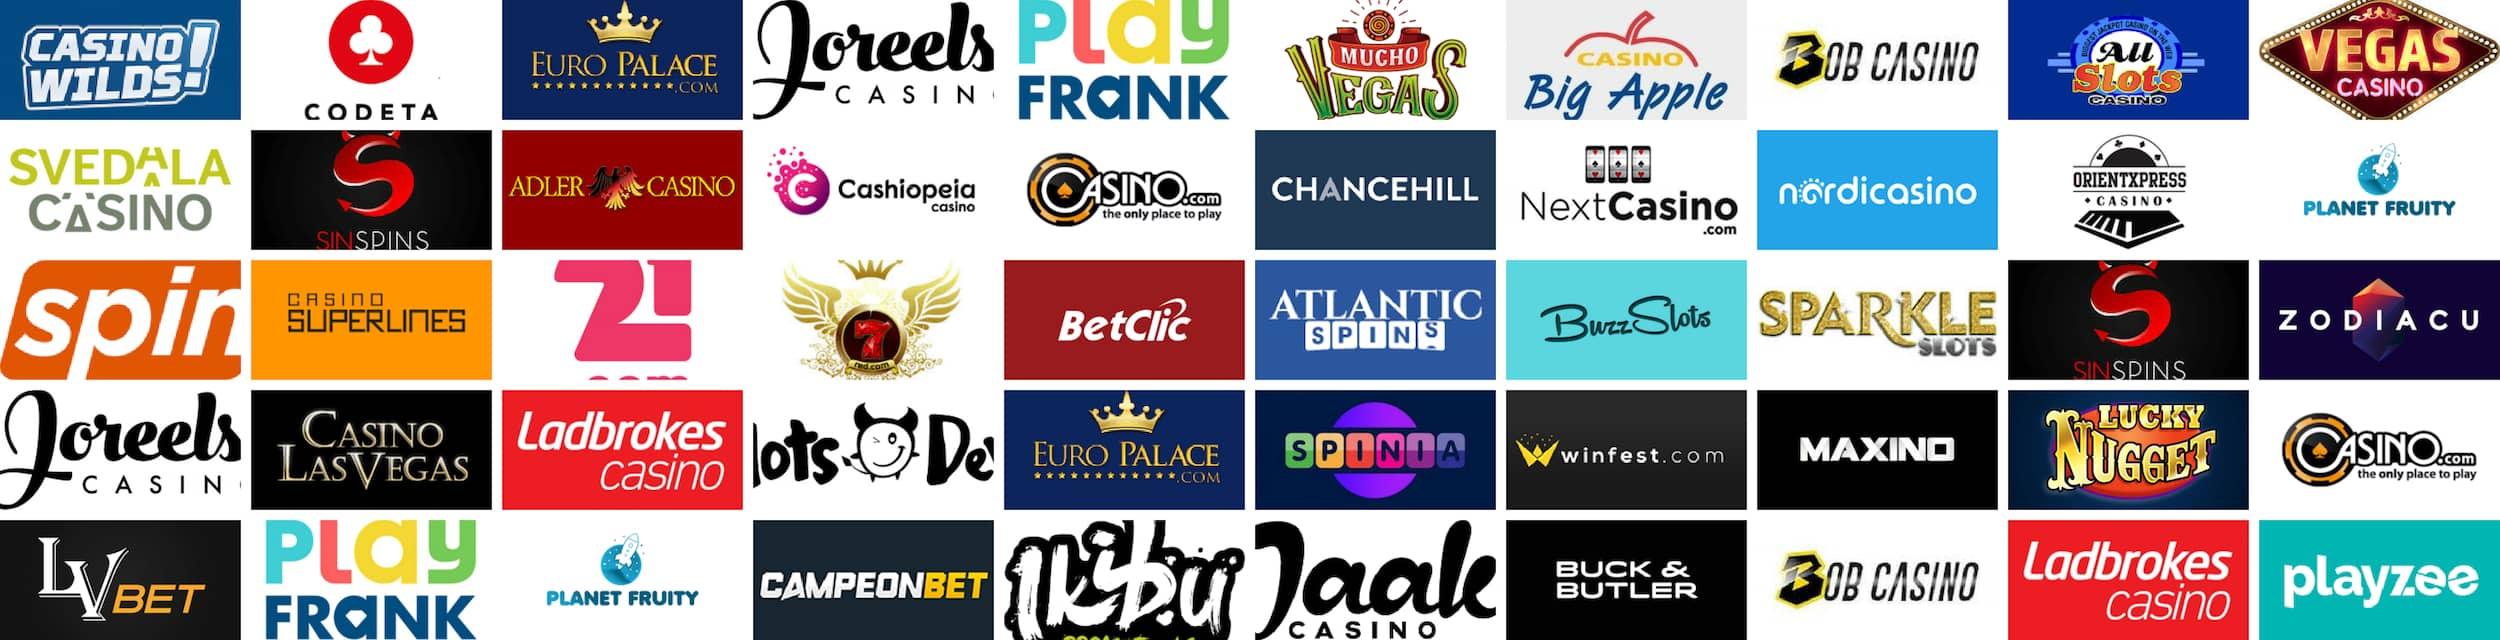 casino online colombia gratis